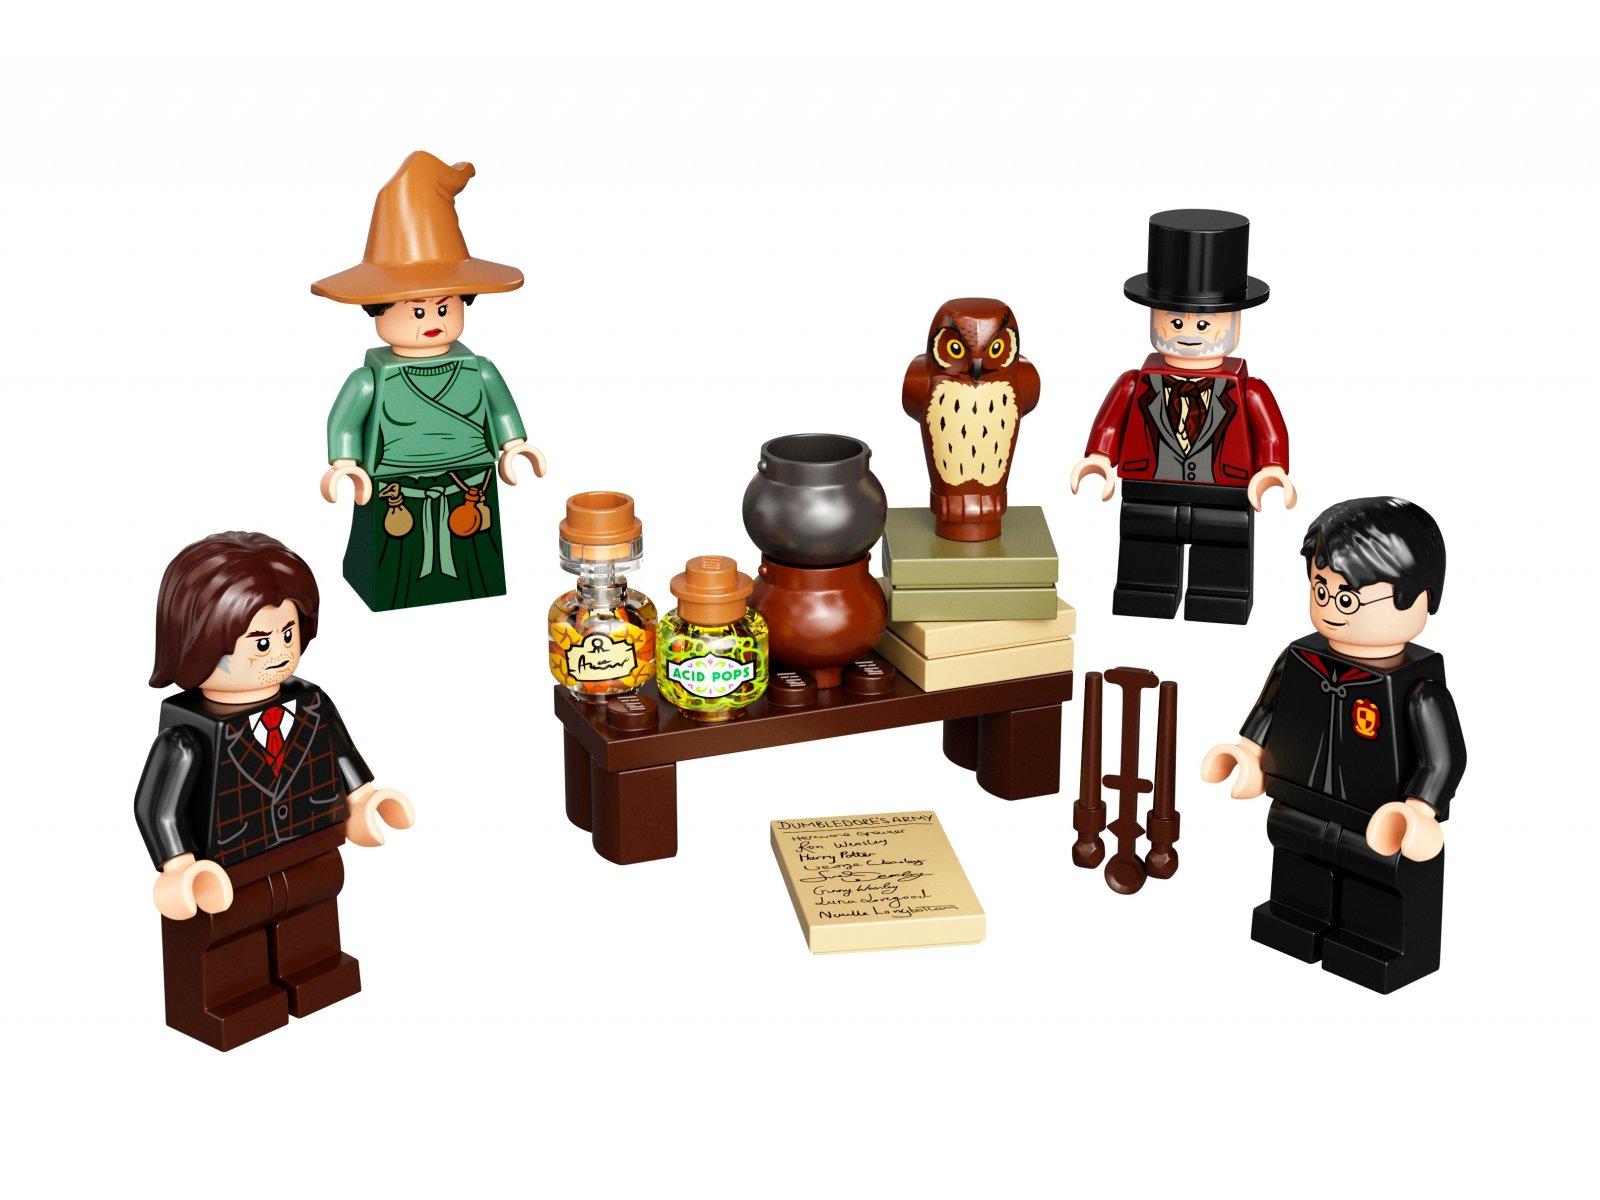 LEGO Harry Potter Akcesoria do minifigurek ze świata czarodziejów 40500